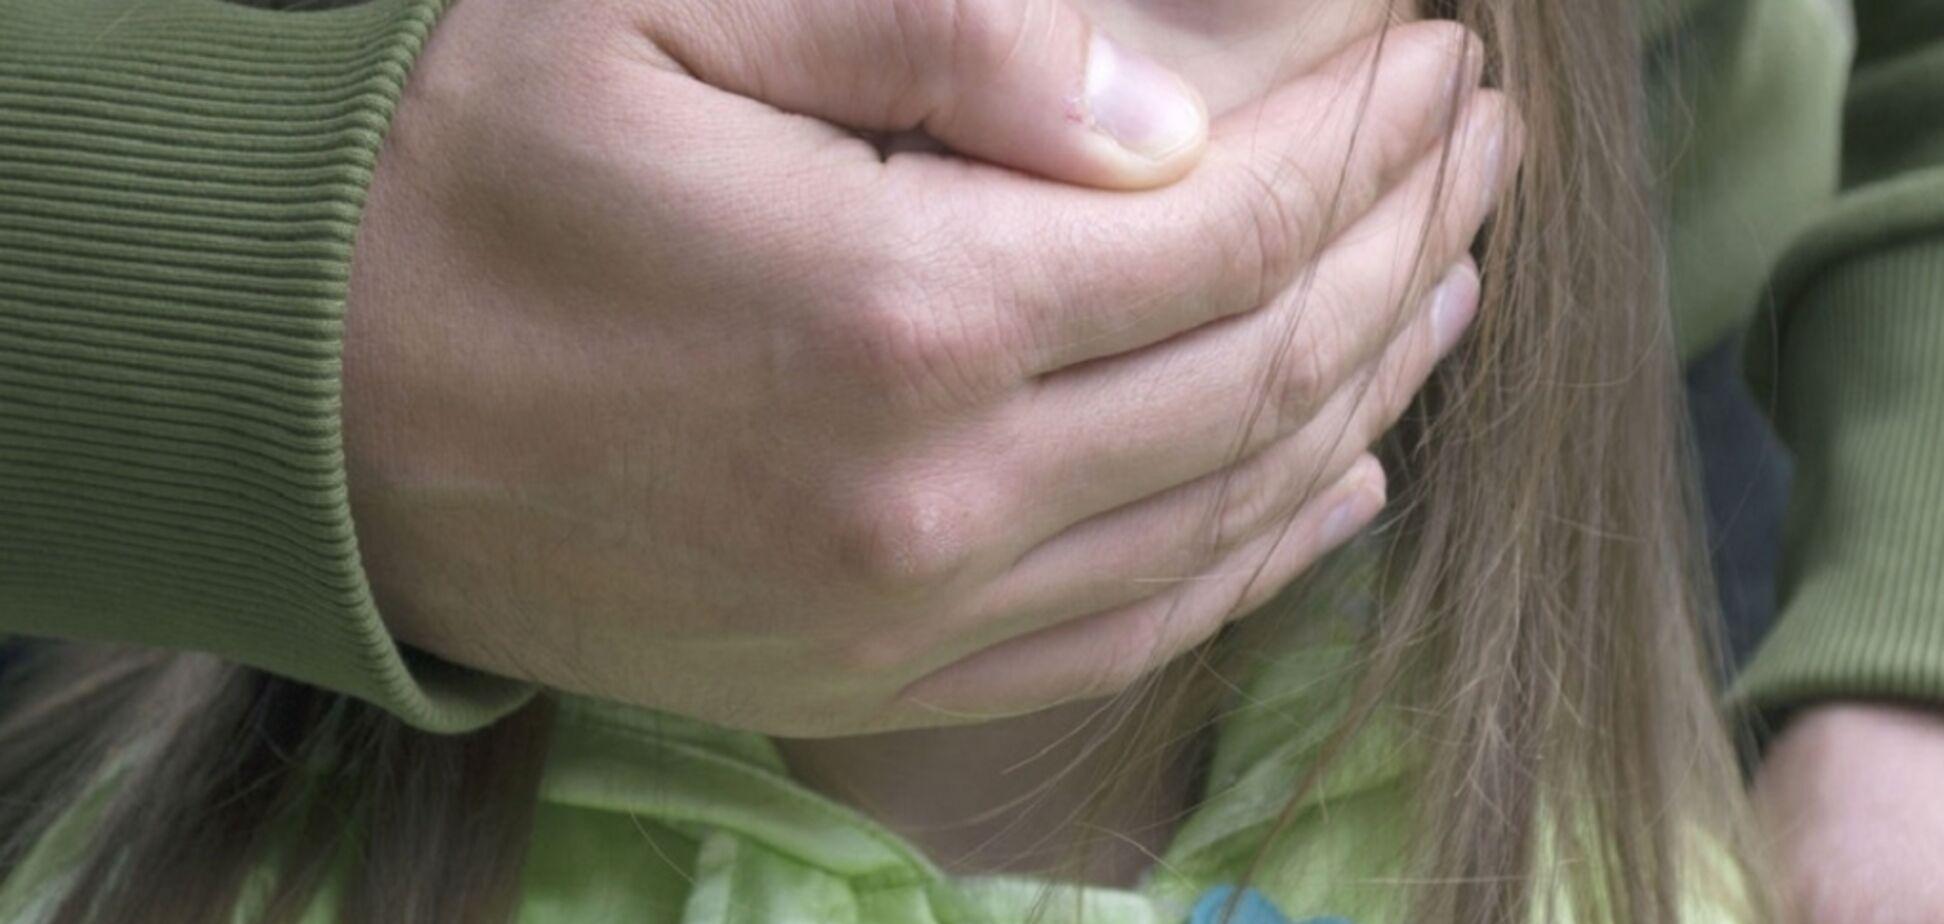 Предложил дружить: в Киеве педофил изнасиловал 10-летнюю девочку